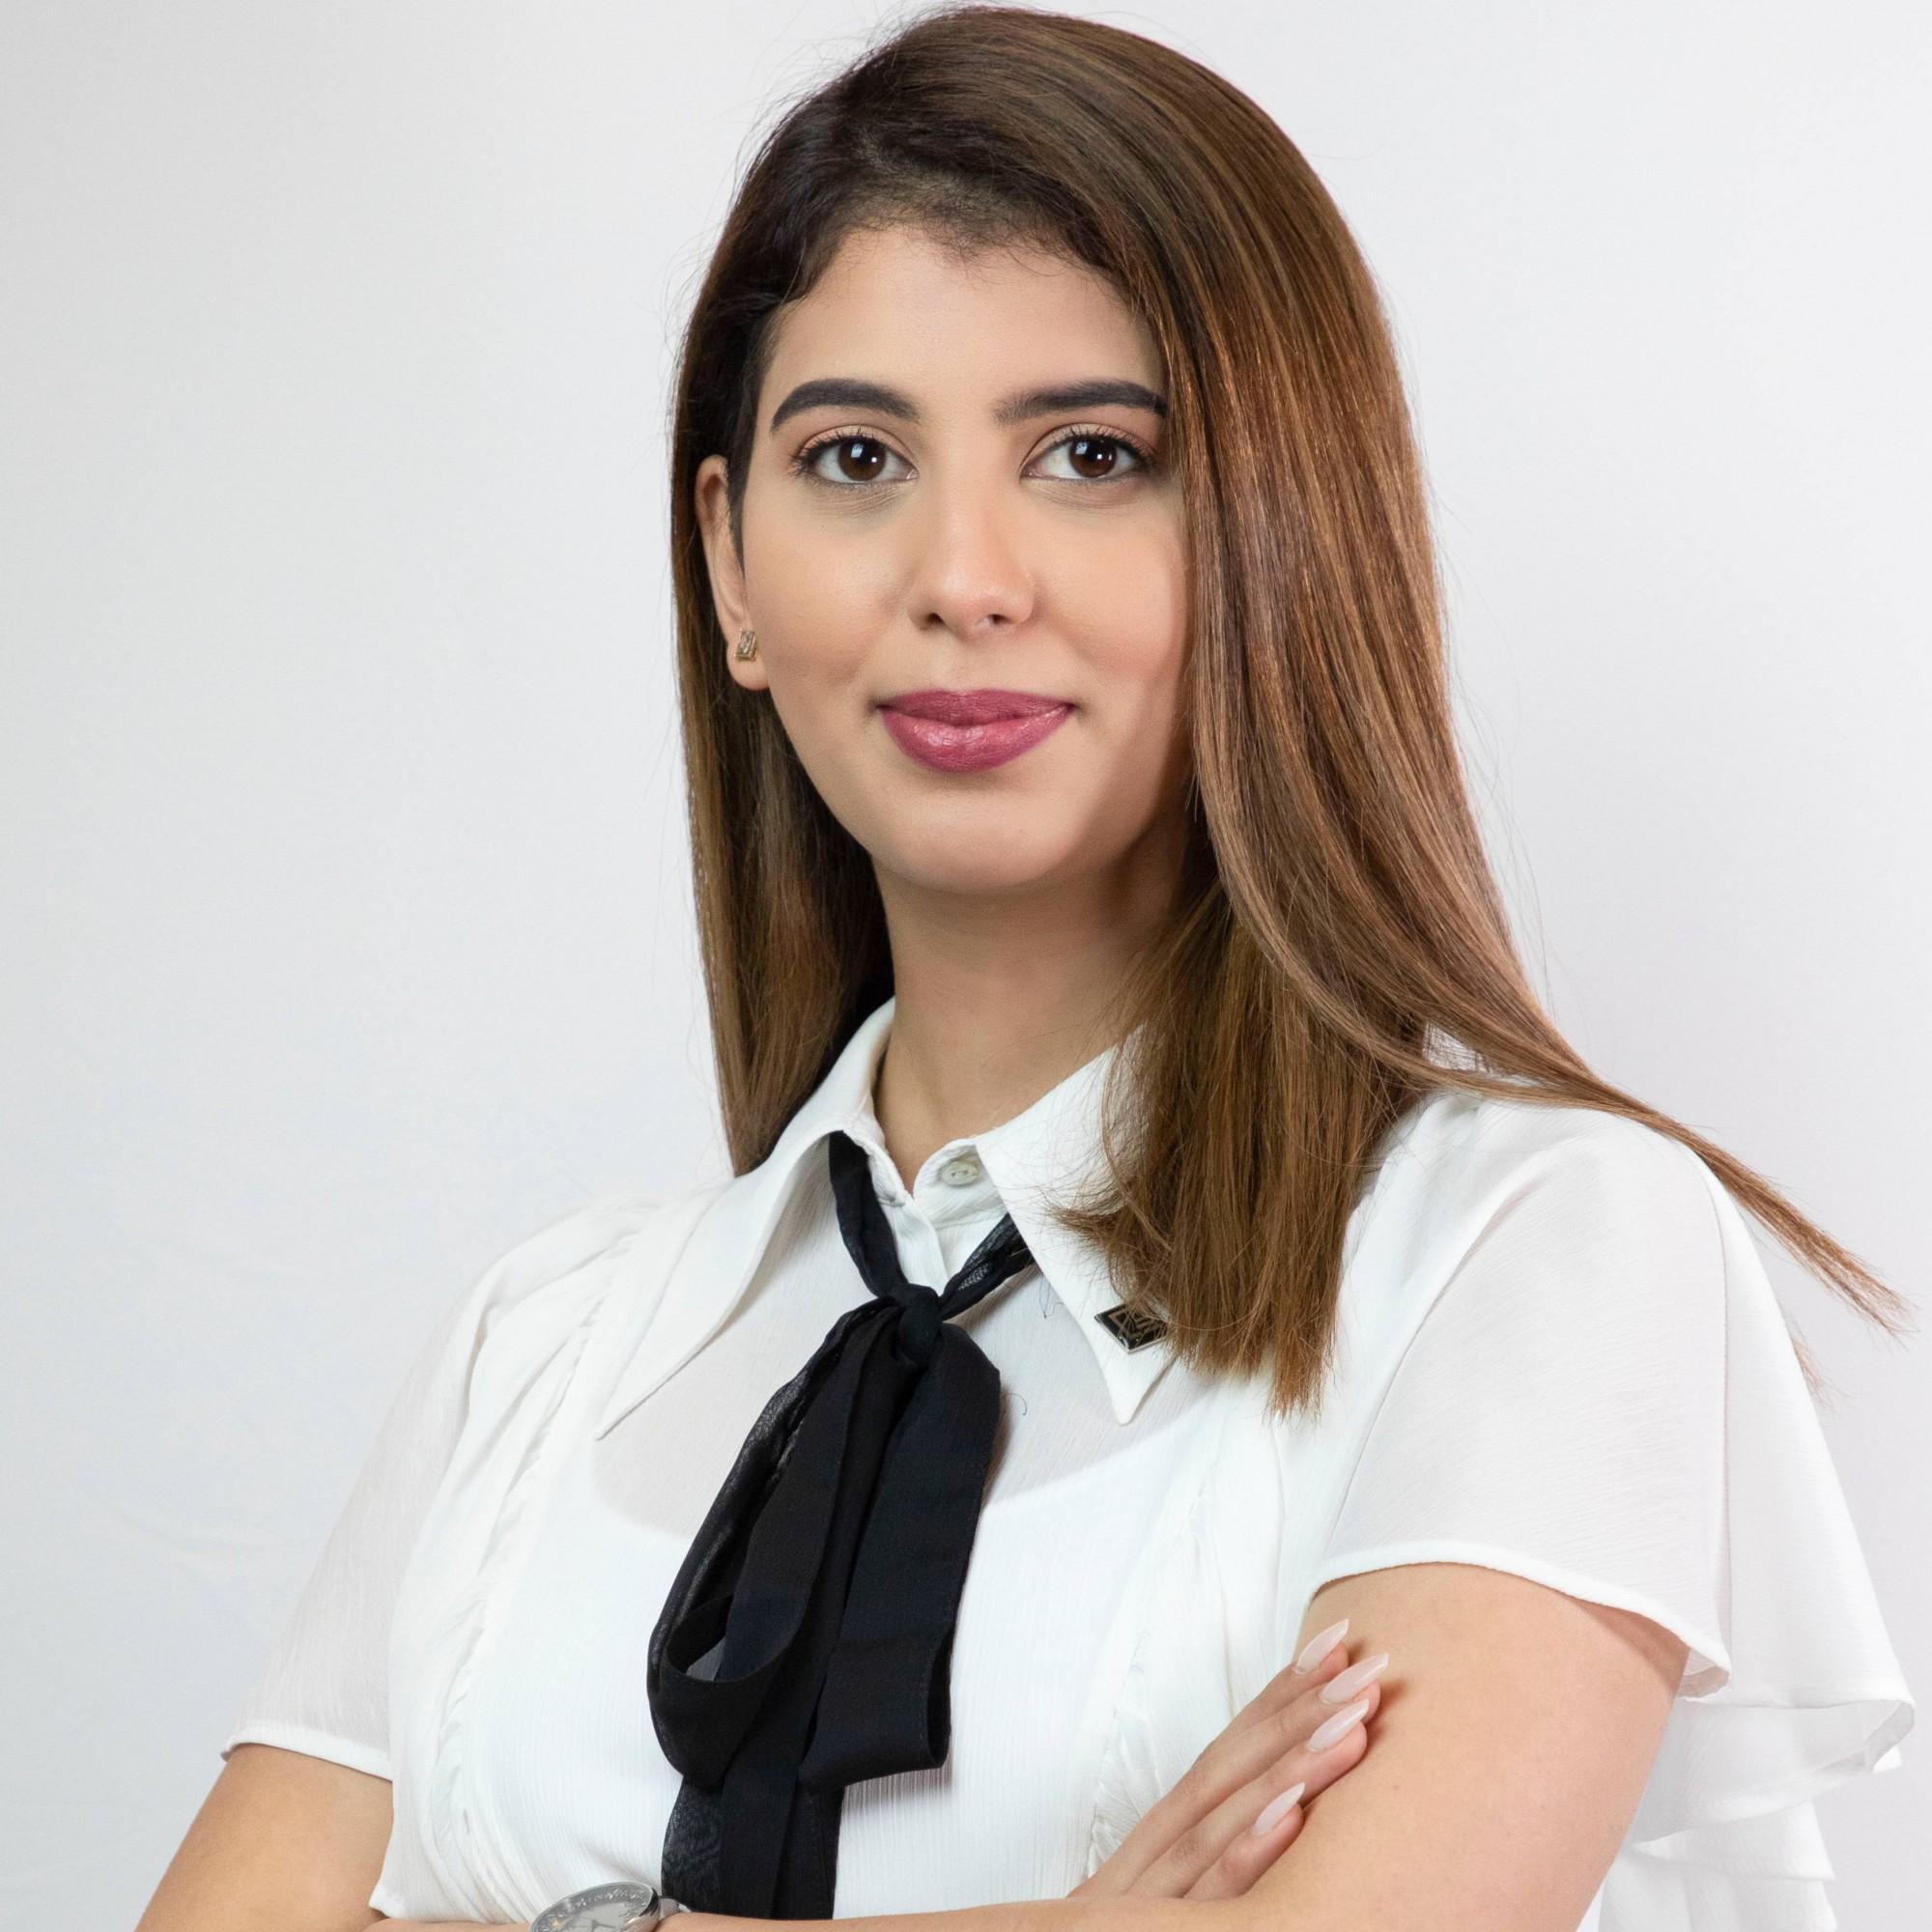 Bassmah El Fahoum